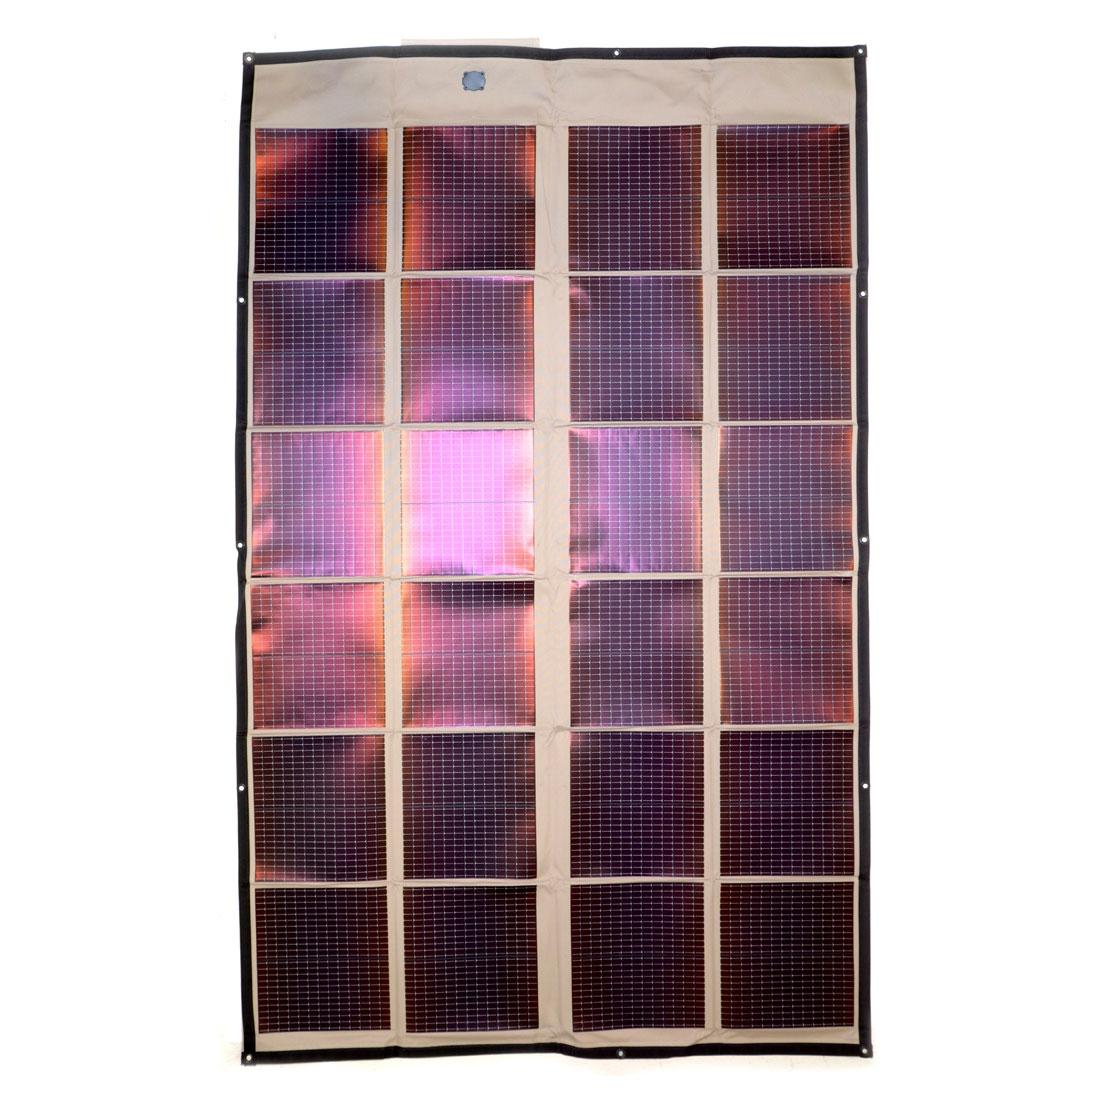 PowerFilm F16-7200 - faltbares Solarmodul 120Wp, 15V